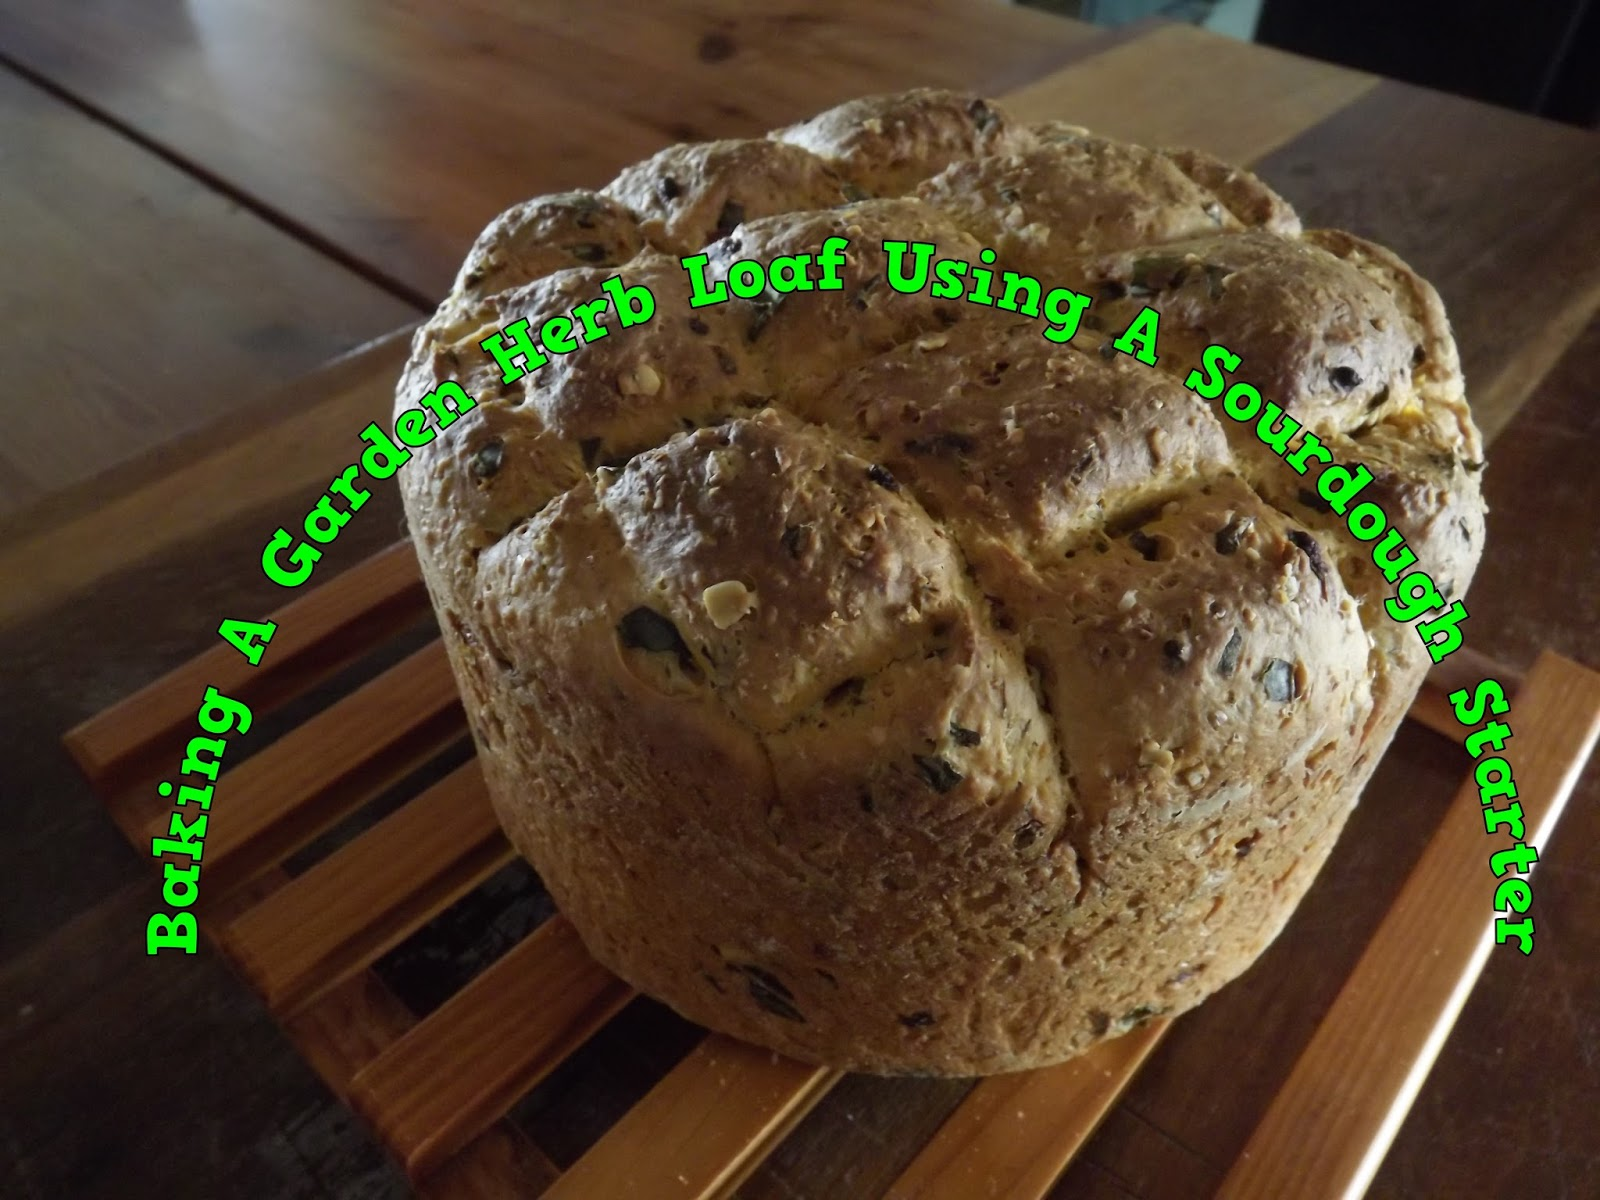 A Pretty Talent Blog: Baking A Garden Herb Loaf Using A Sourdough ...